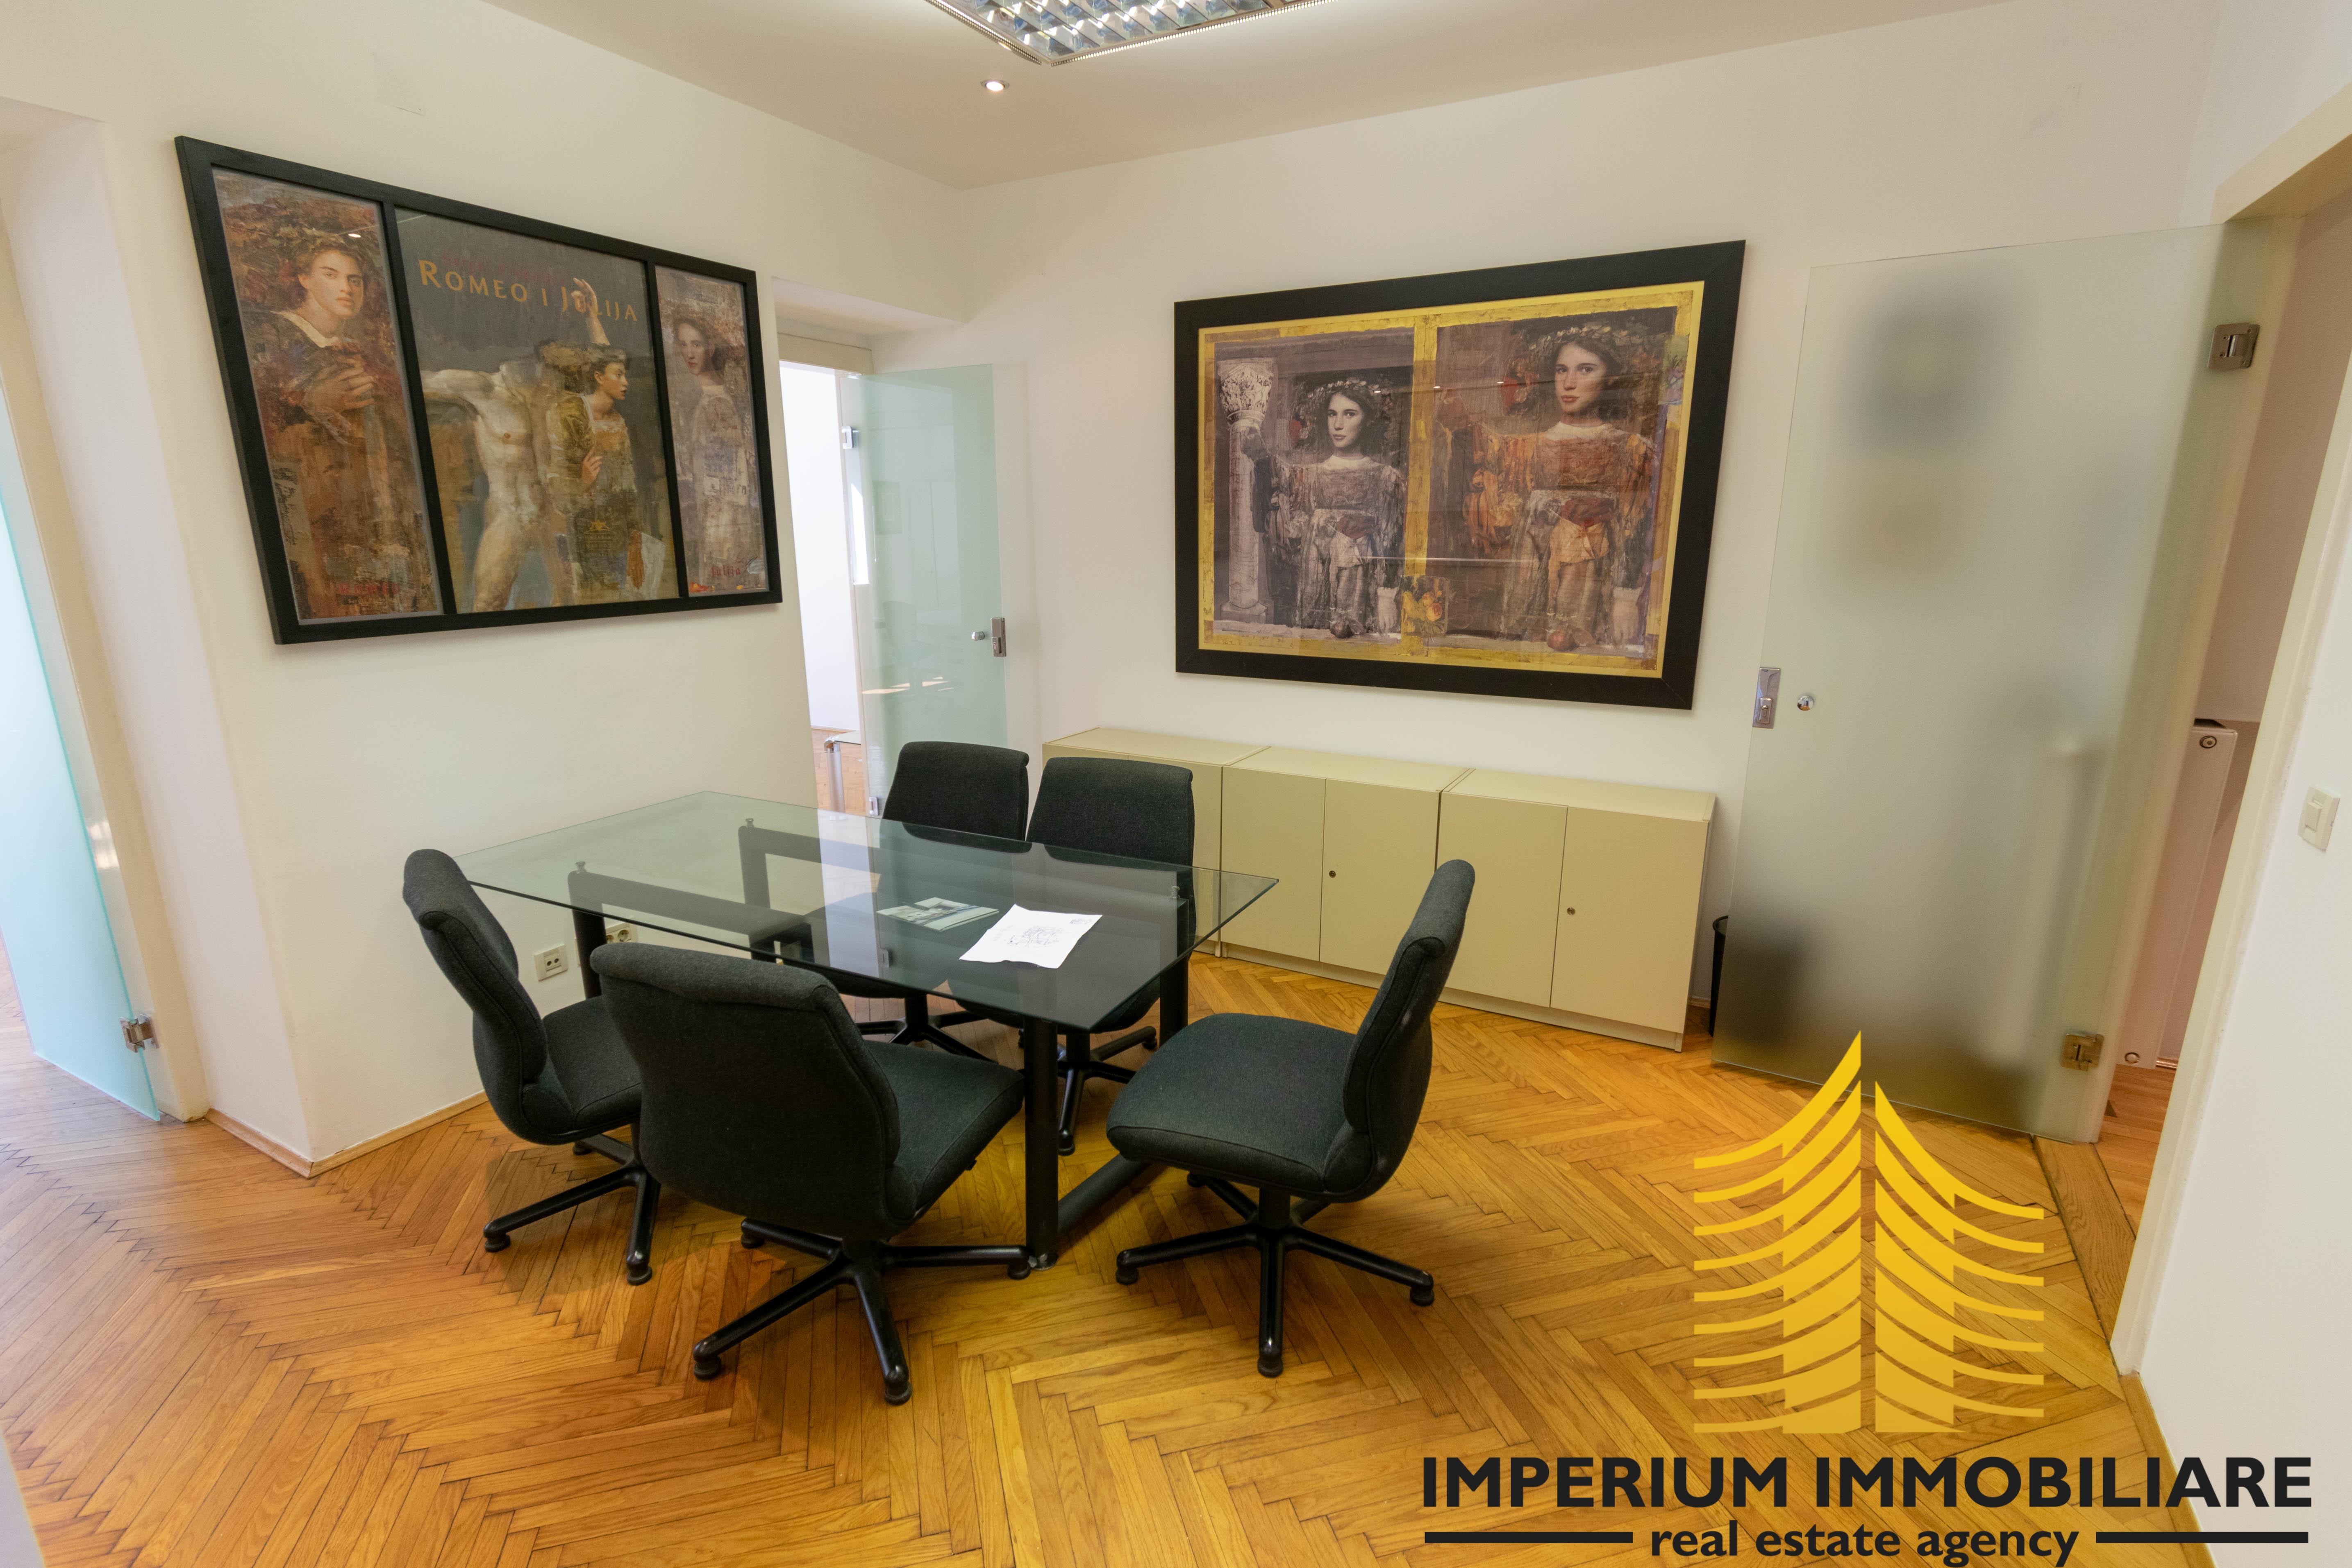 Poslovni prostor: Zagreb (Donji grad), uredski, 90 m2, ŠUBIĆEVA (iznajmljivanje)